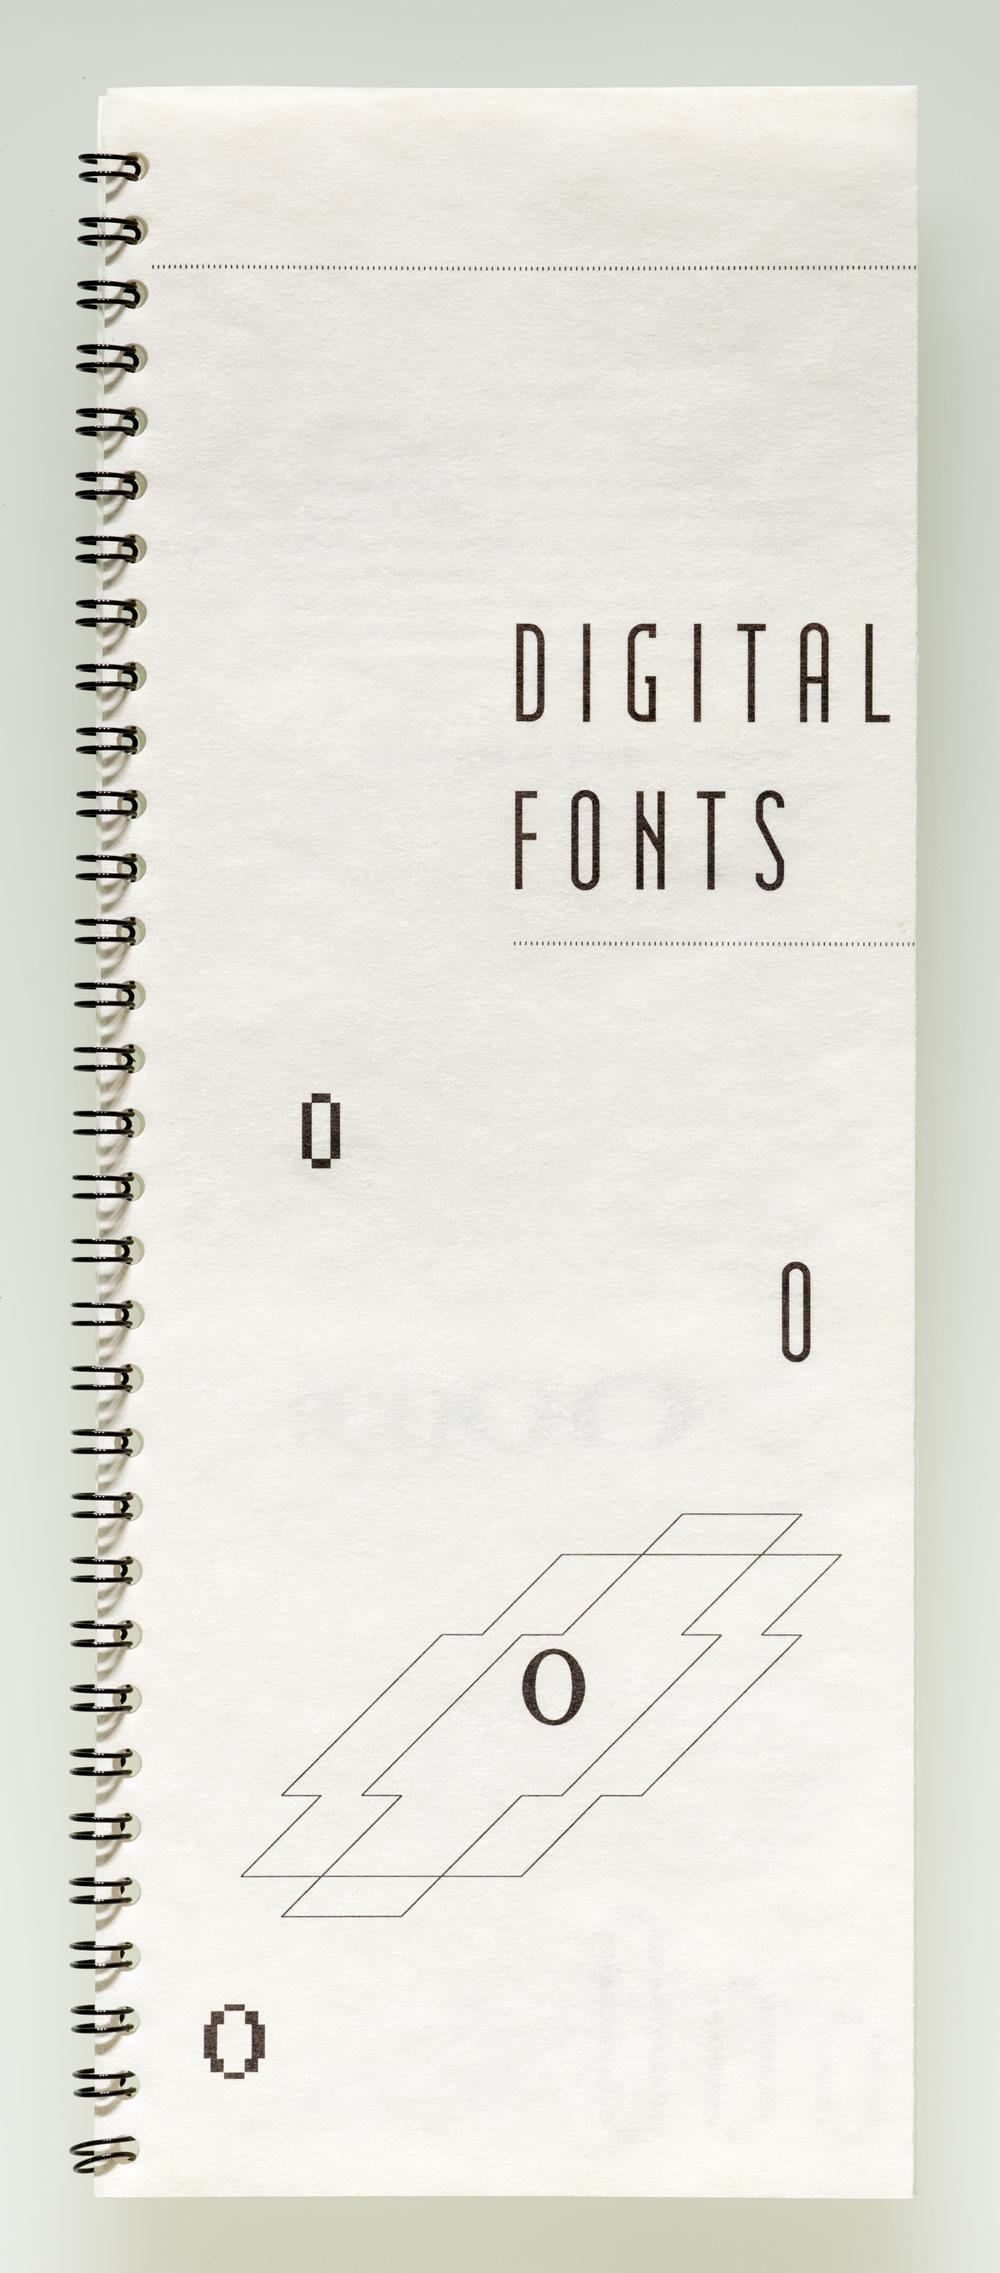 Digital Fonts catalog, 1986